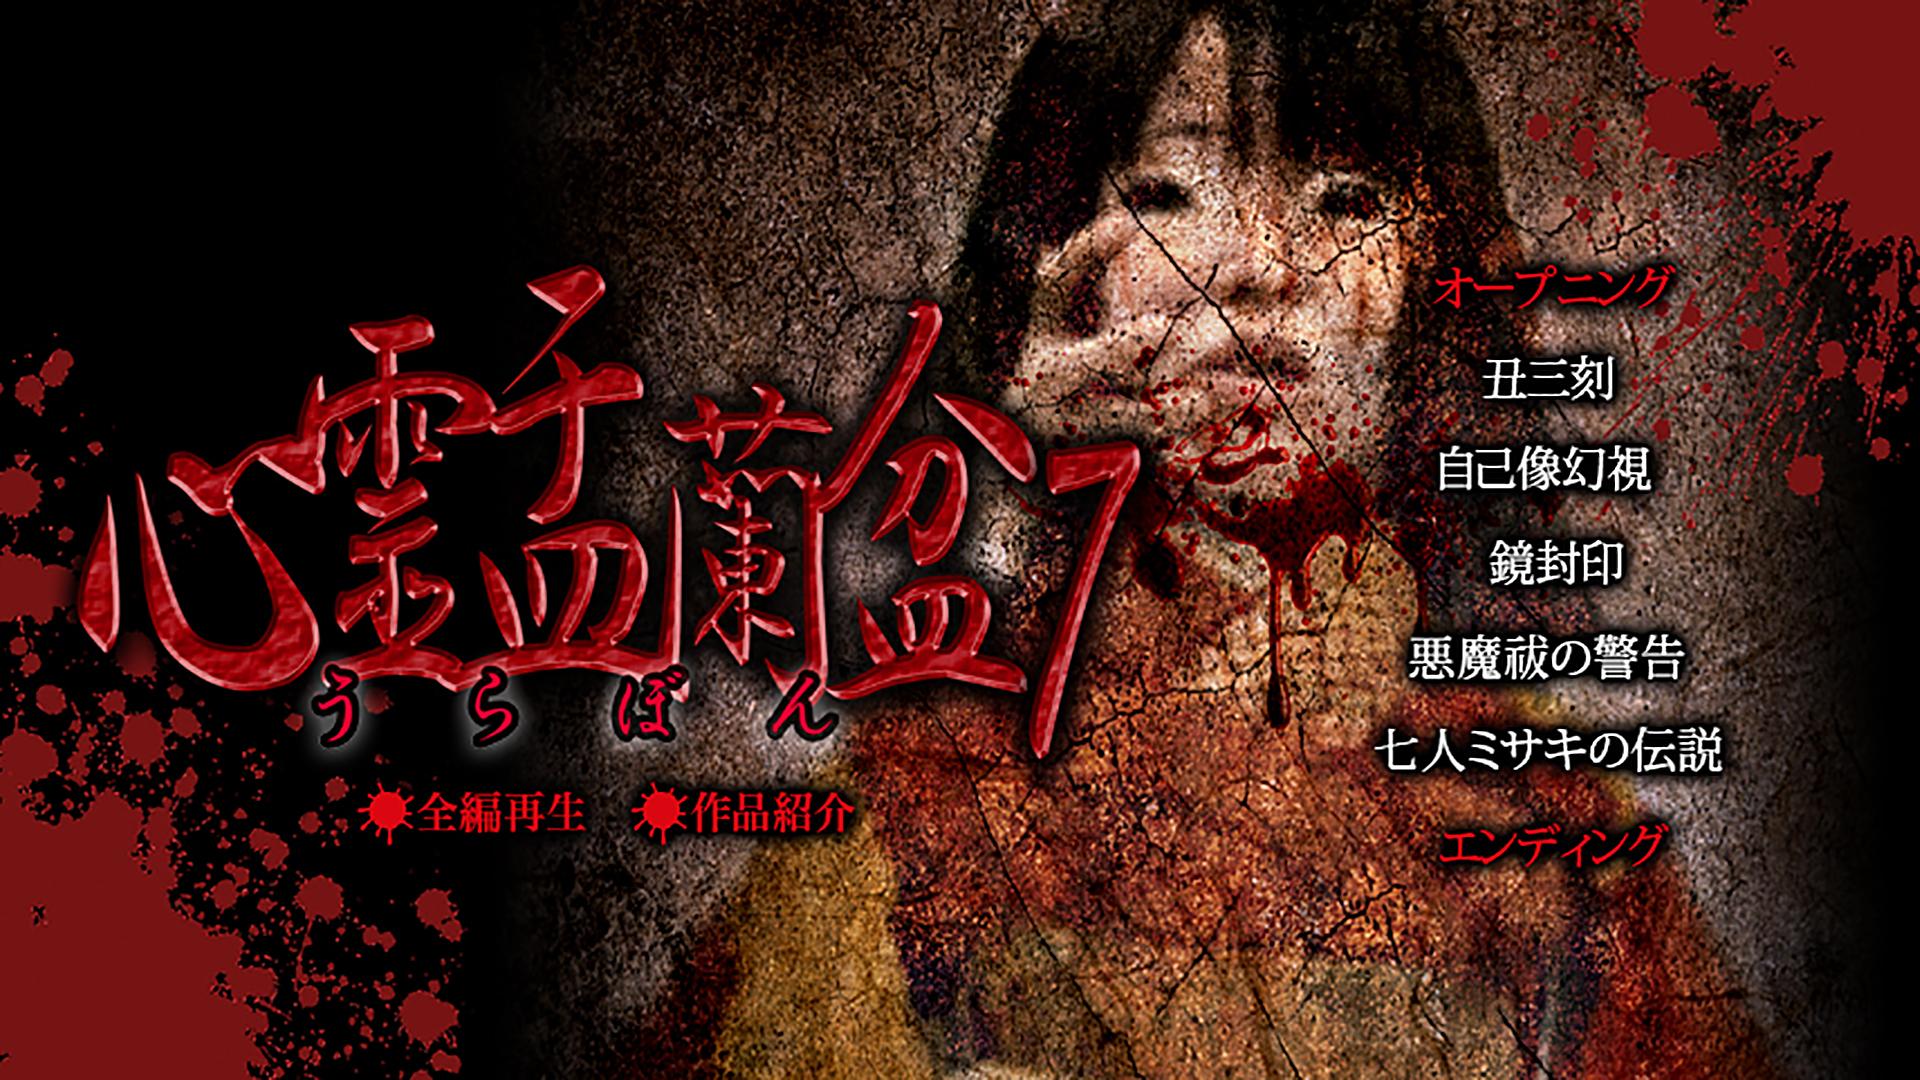 心霊盂蘭盆7 ~七人ミサキの伝説~